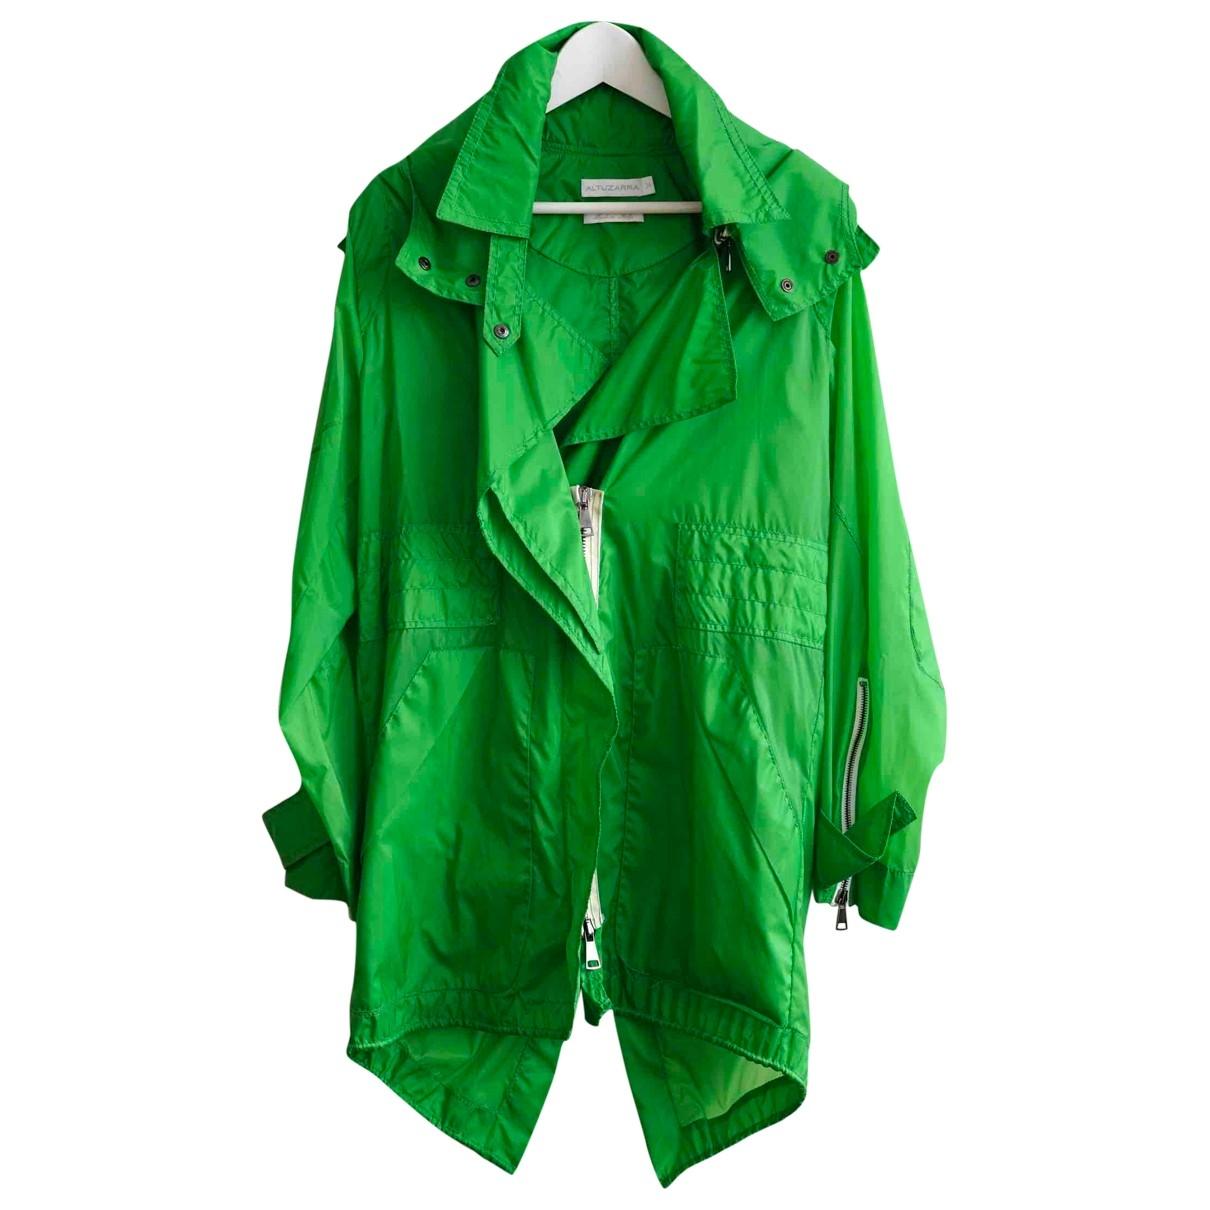 Altuzarra \N Green coat for Women 34 FR